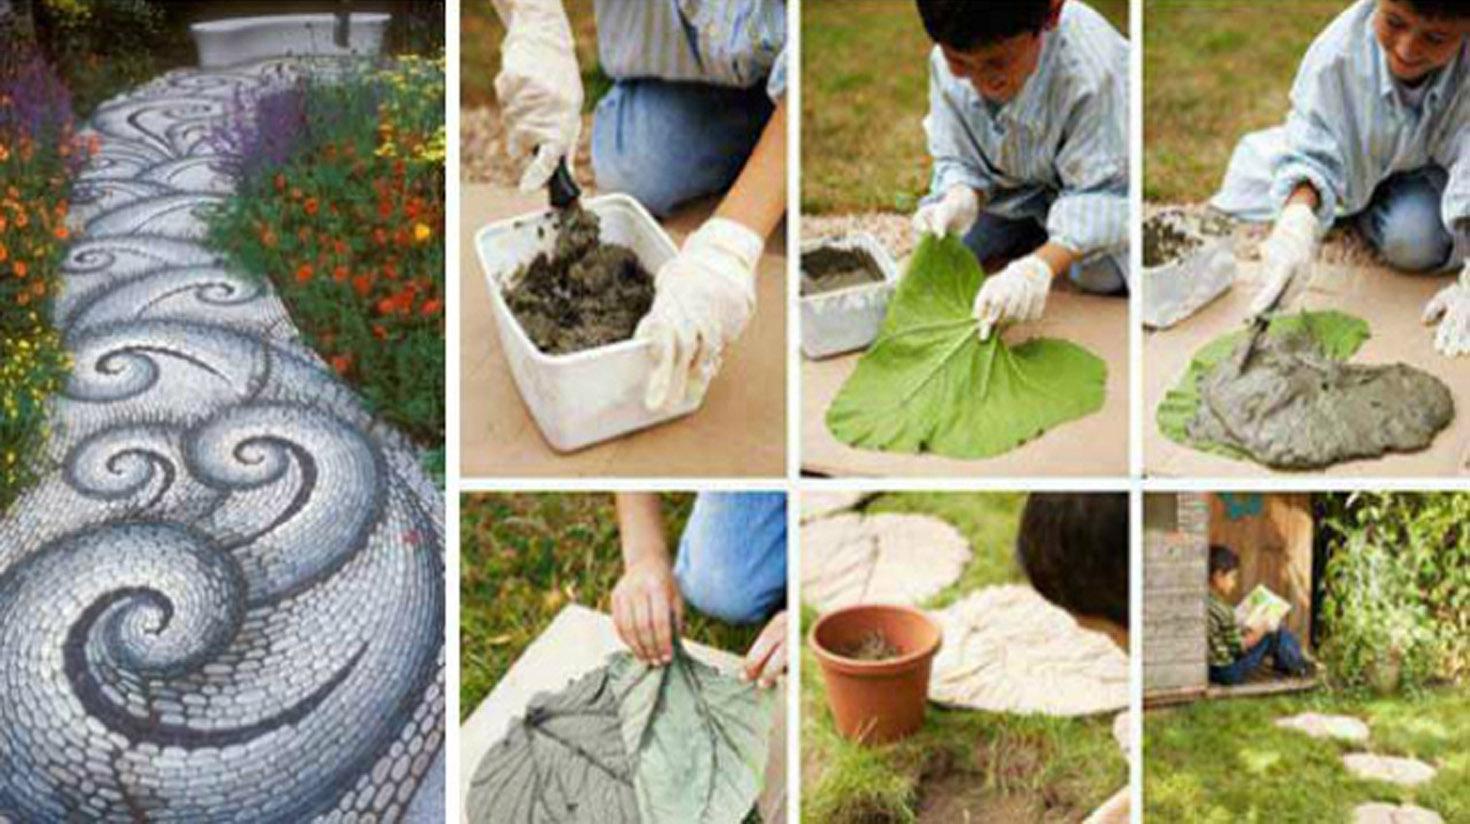 12 Idées Pour Aménager Vos Allées De Jardin !   Diy Seloger à Comment Aménager Son Jardin Pas Cher